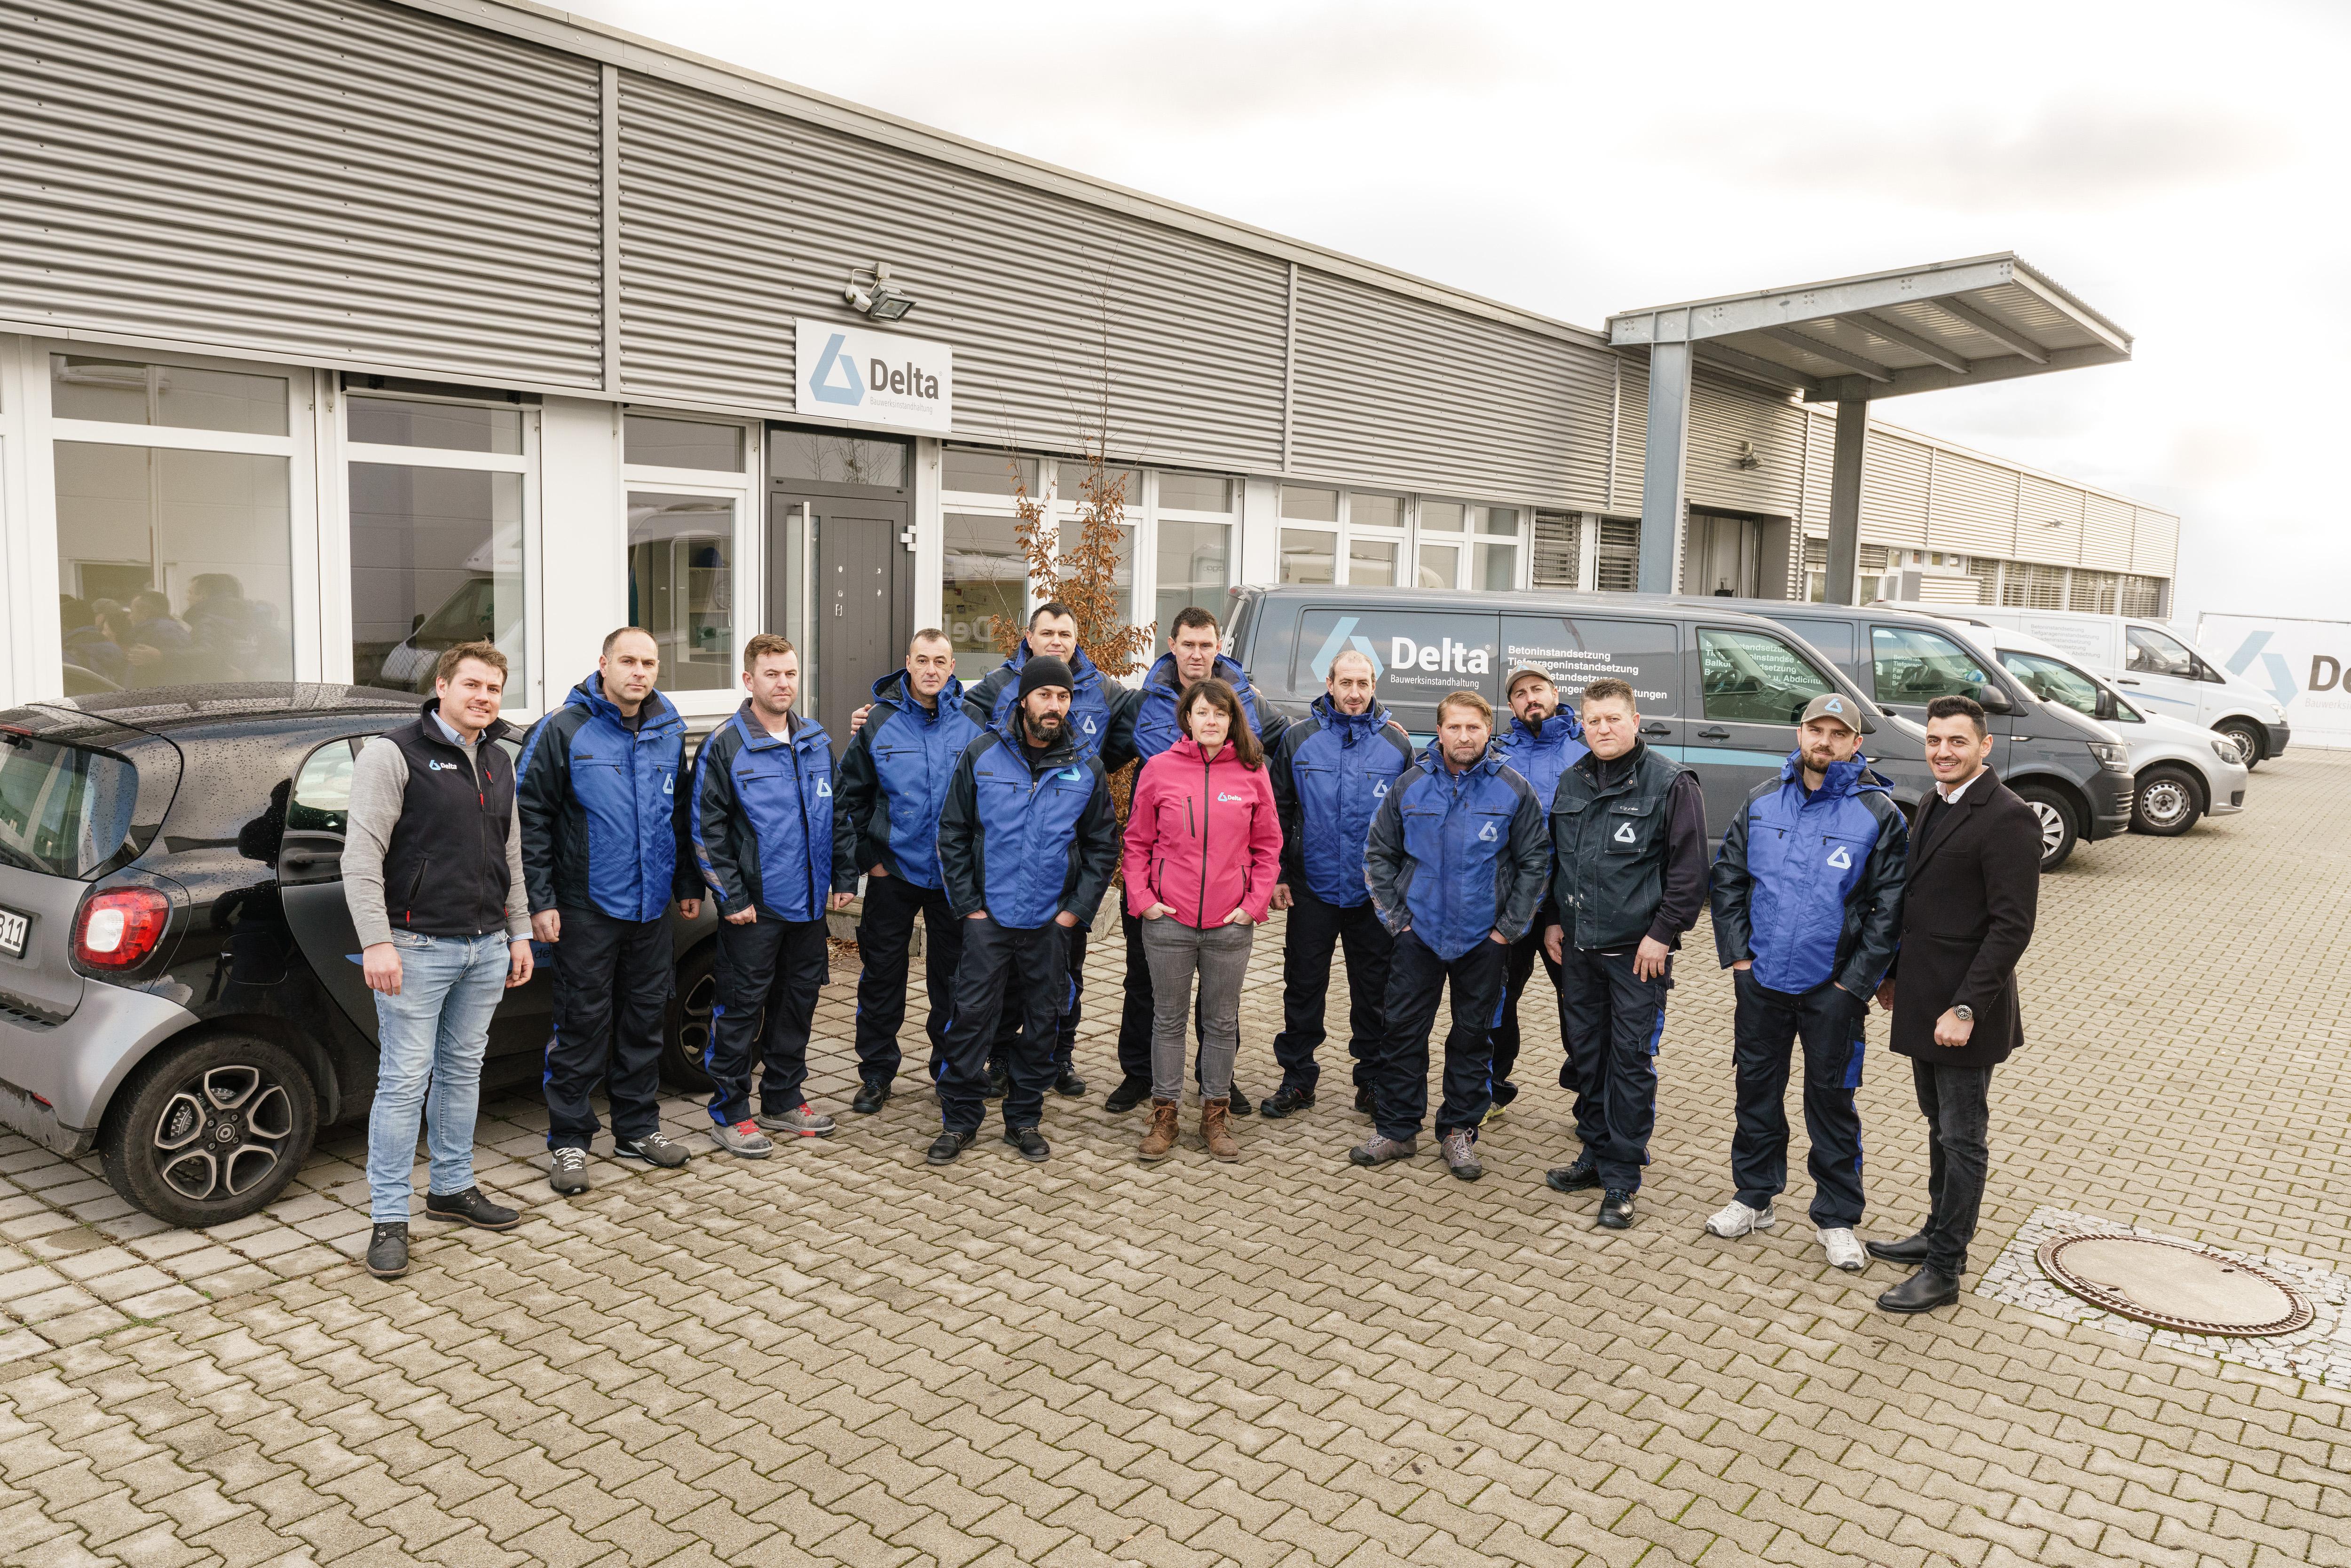 Gruppenfoto vom Team der Firma Delta